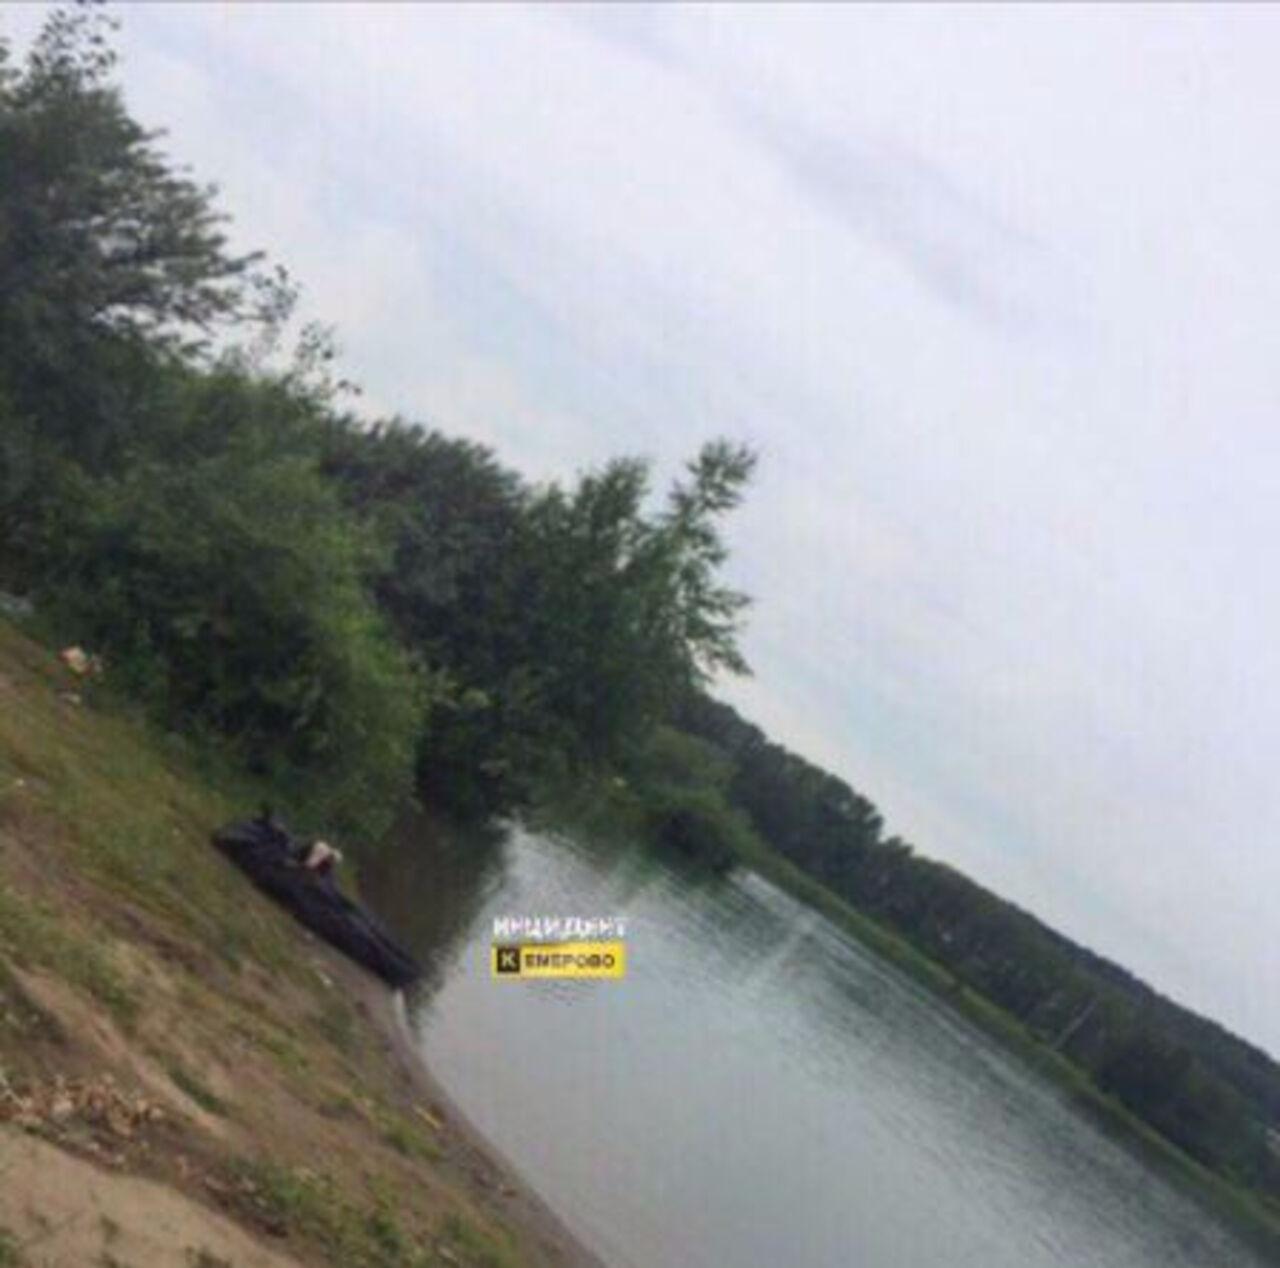 Содна Красного озера подняли мужское тело: СКпроводит проверку